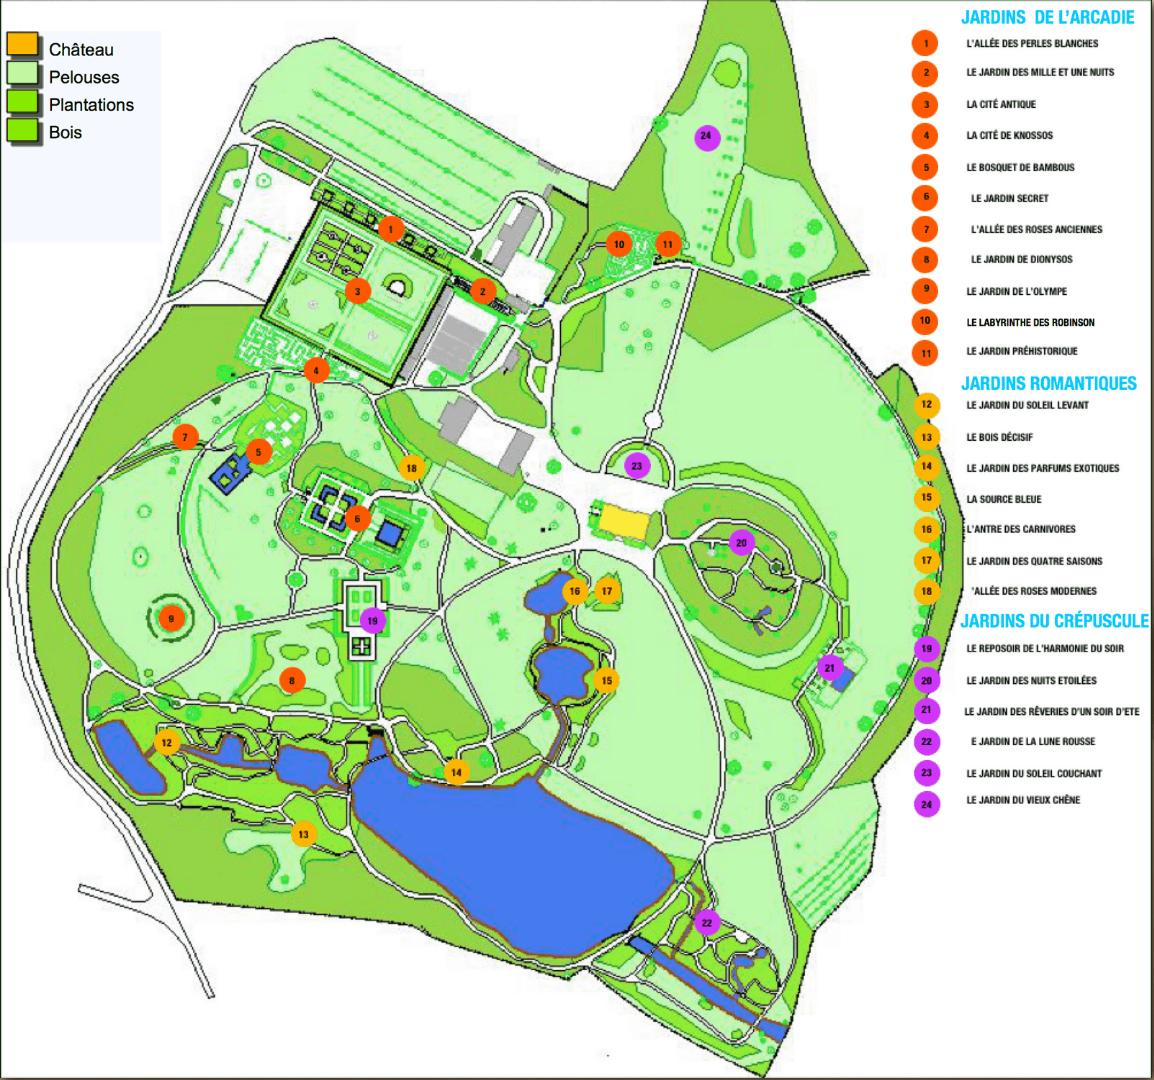 Parc botanique de haute bretagne jardins du crepuscule enthusiastic gardener - Parc botanique de haute bretagne ...